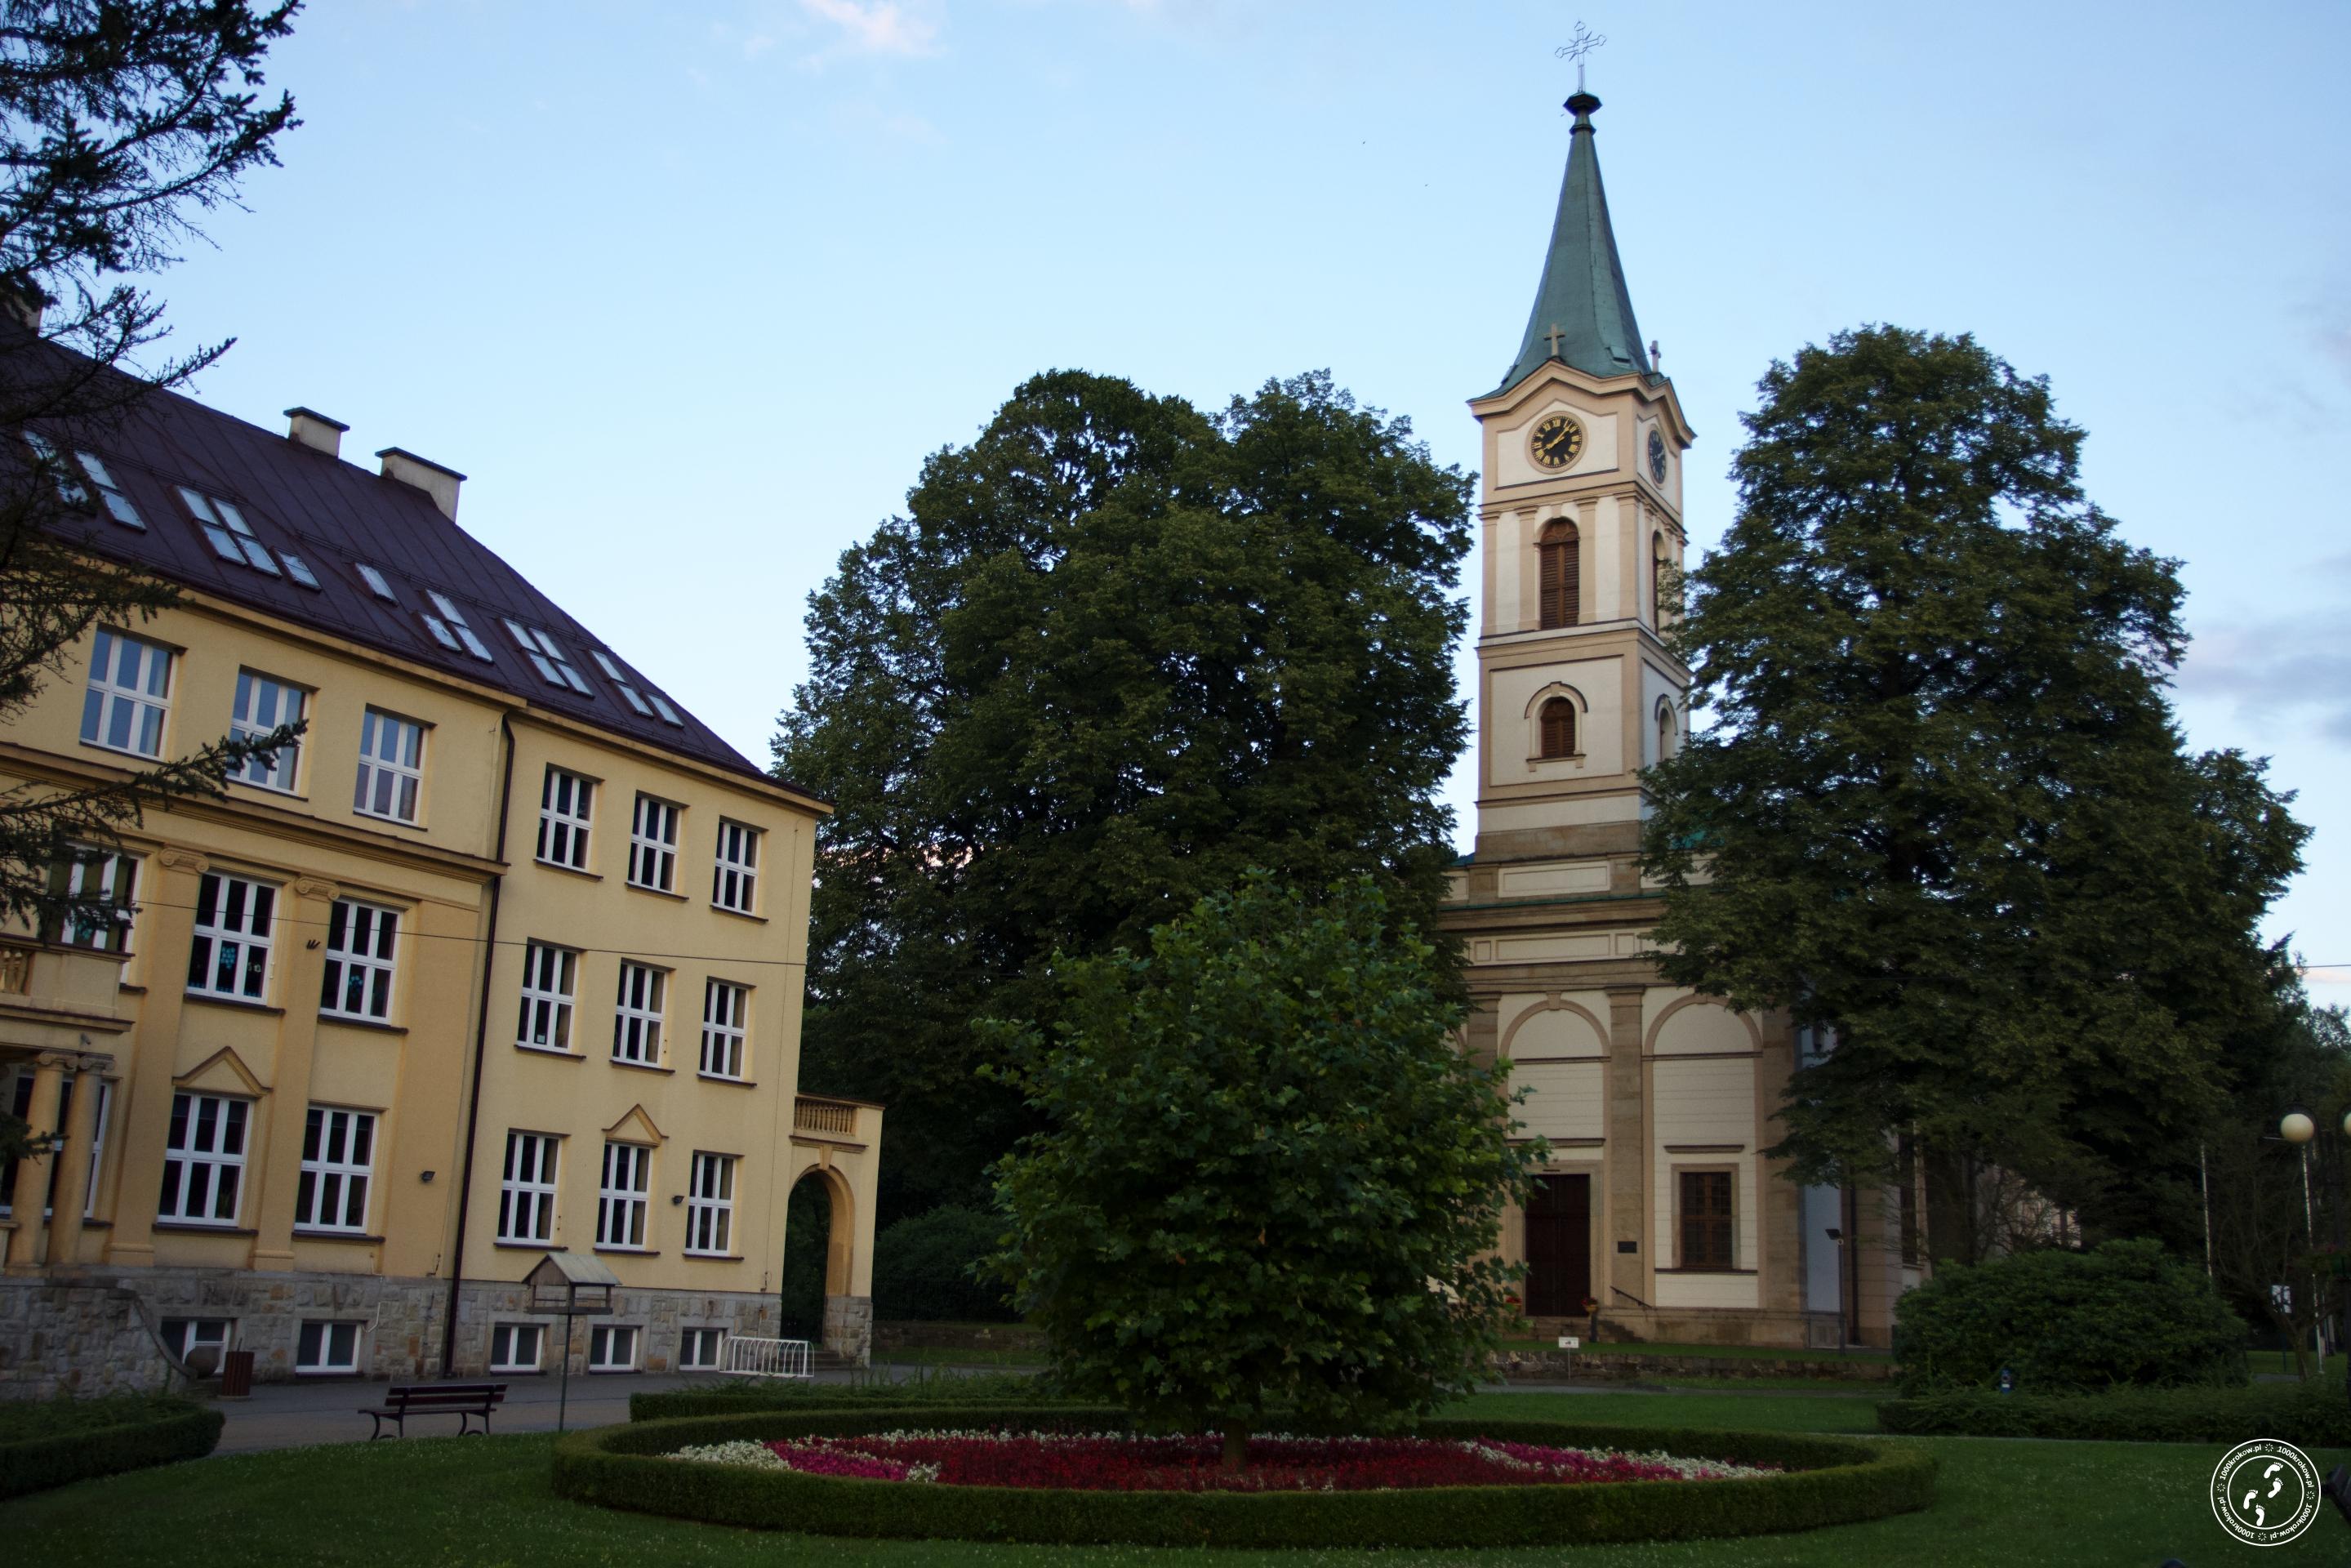 Kościół Ewangelicko-Augsburski Ap. Piotra iPawła wWiśle